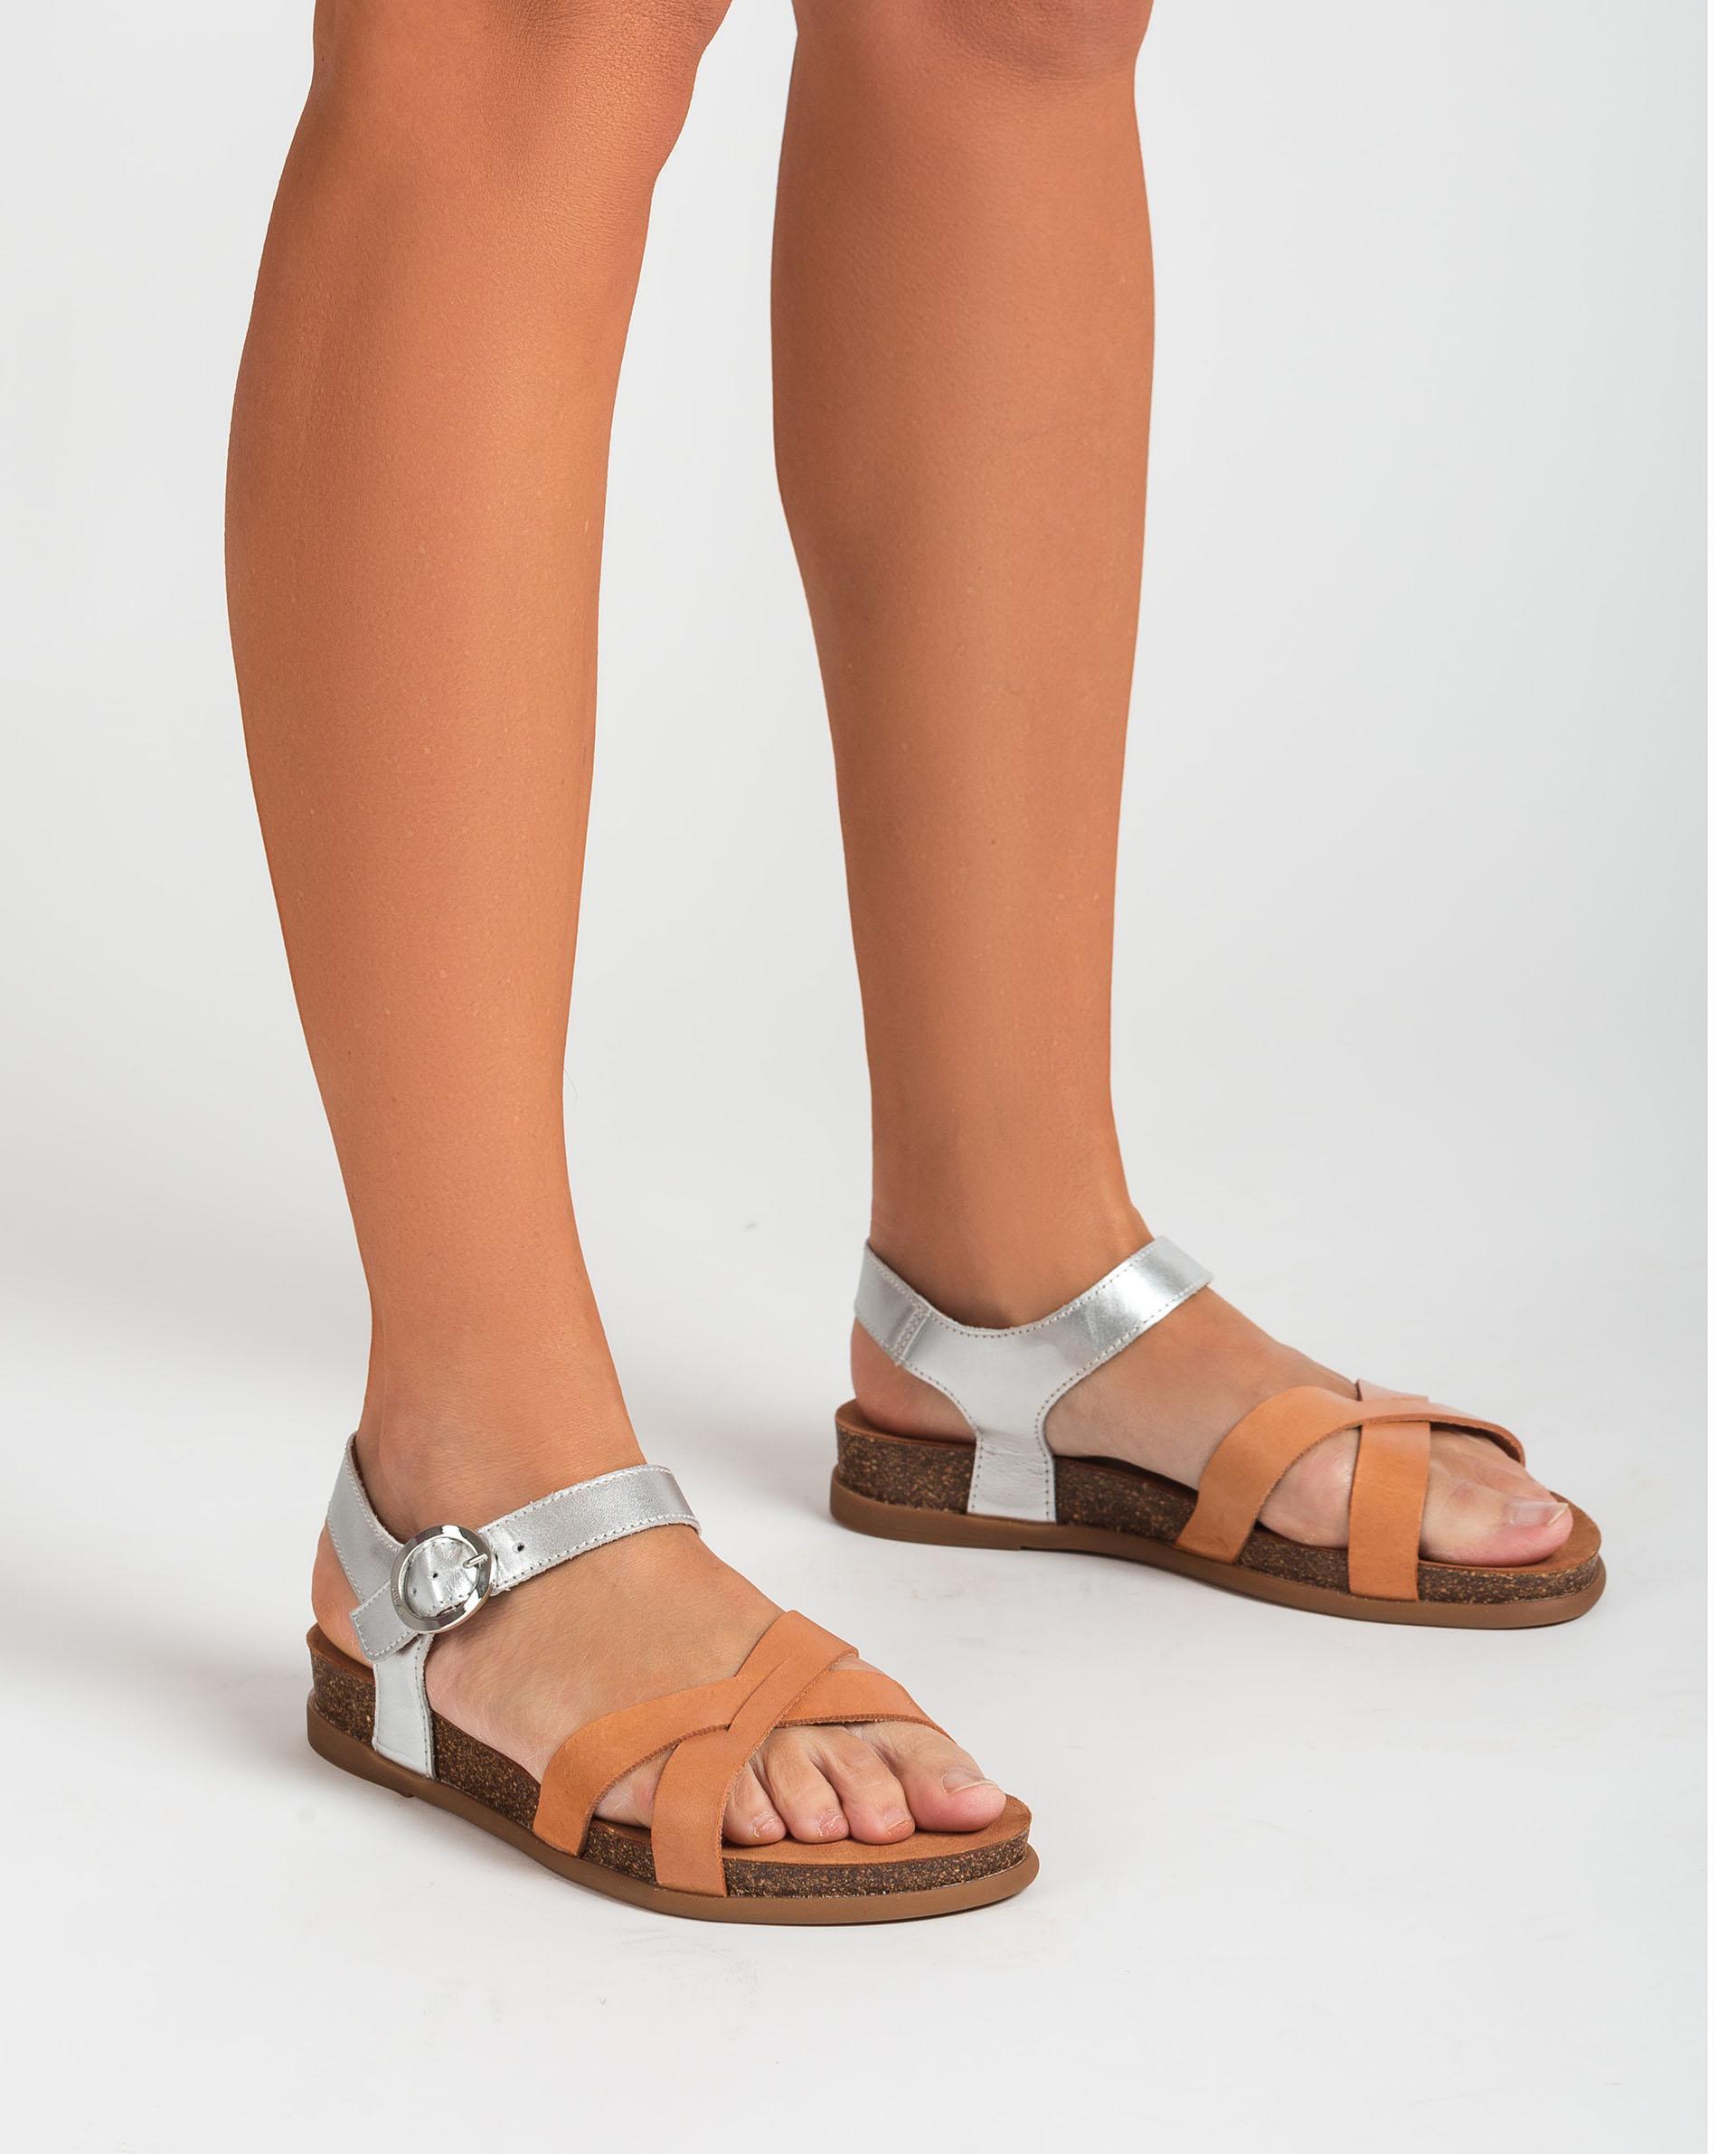 UNISA Flat snake effect leather sandals  CINCEL_RAN_NF 2